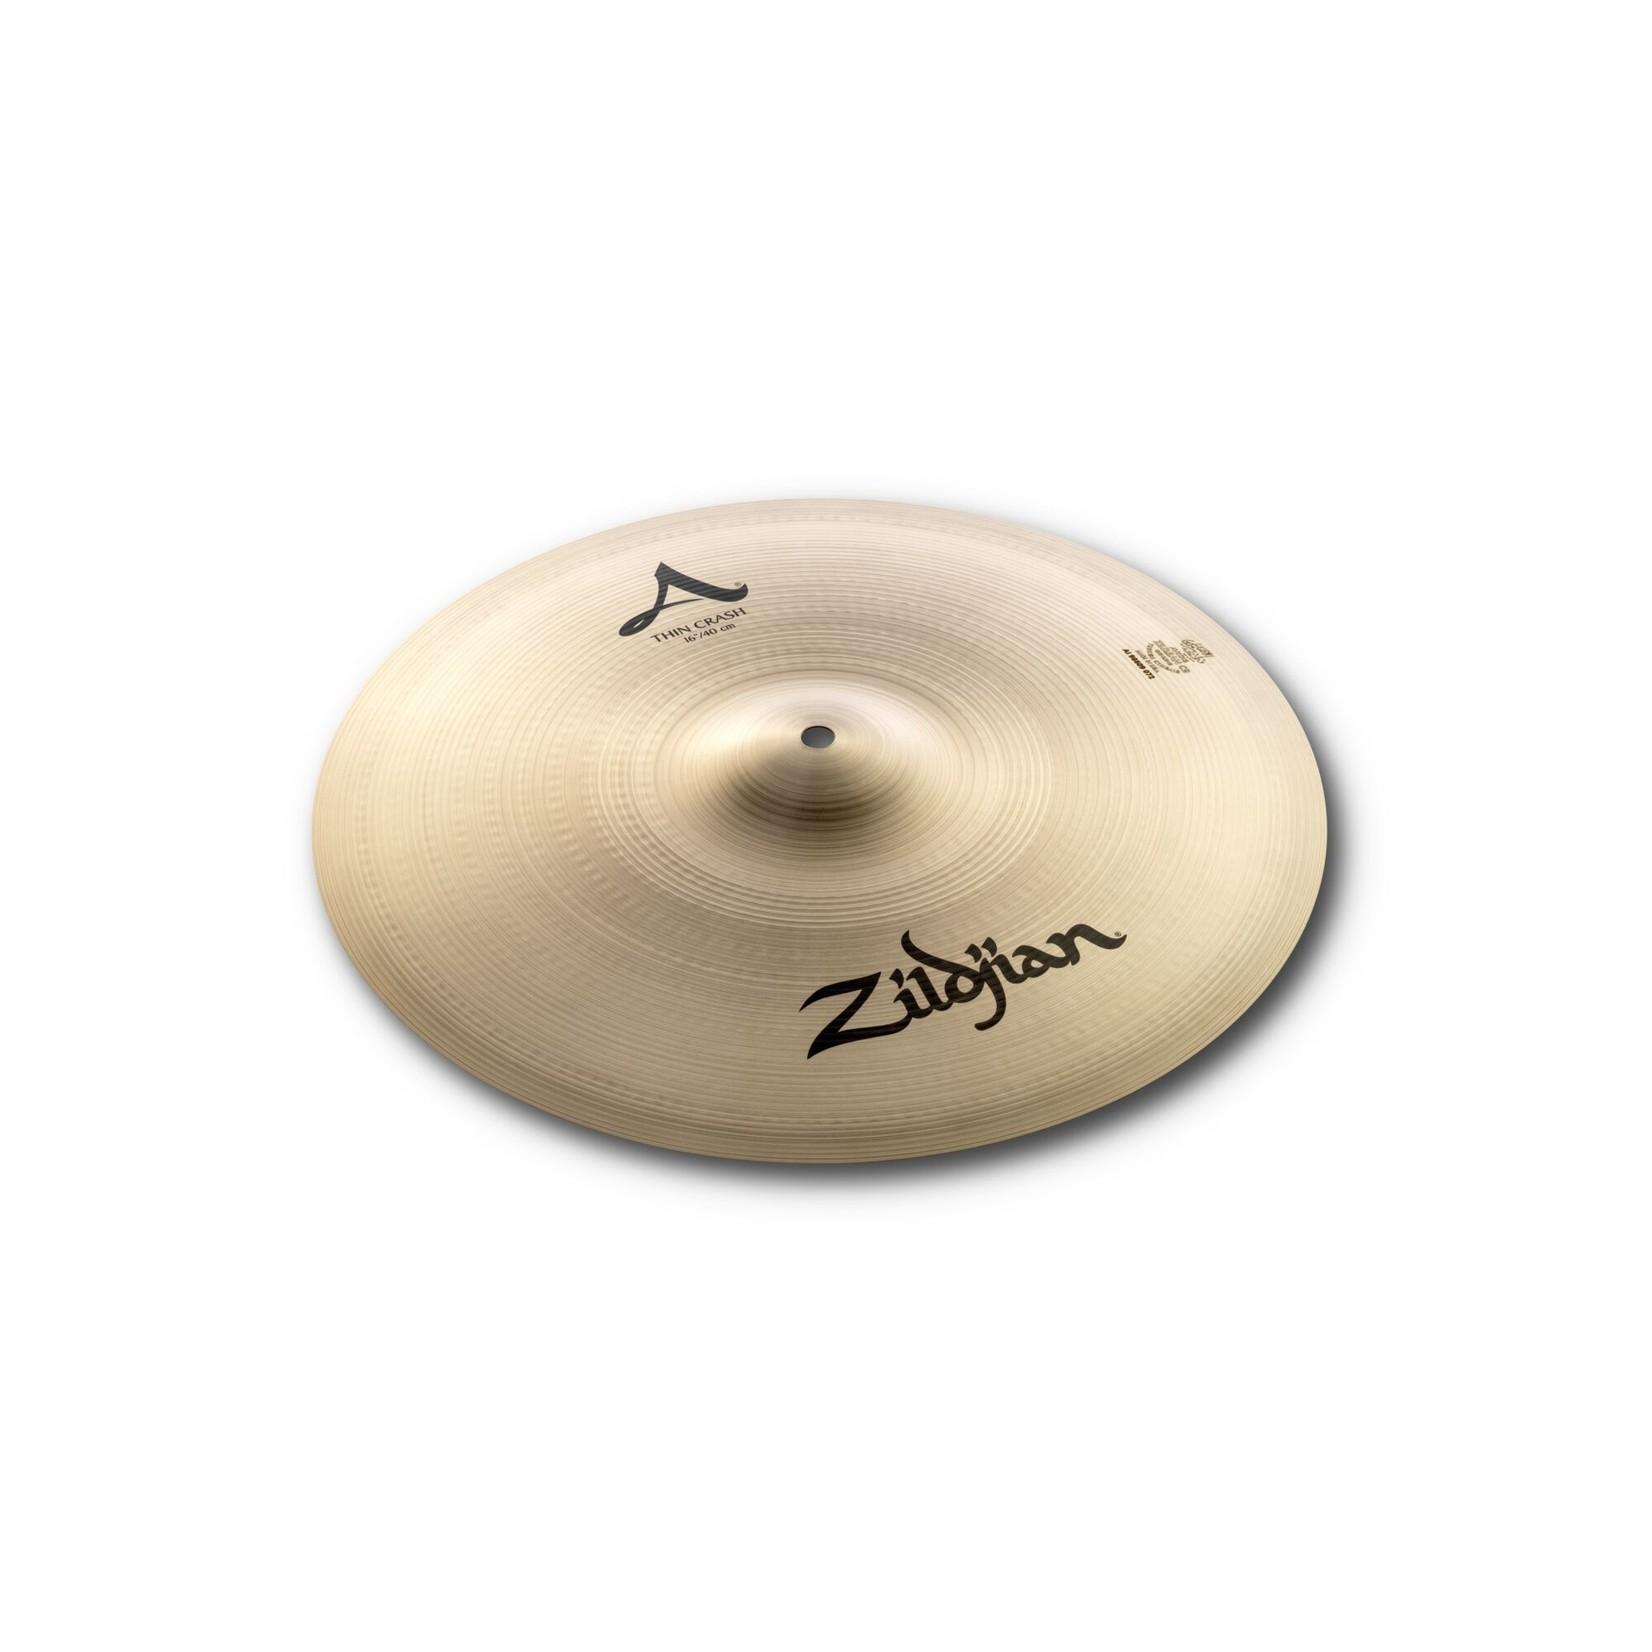 Zildjian Zildjian 16'' A Zildjian Thin Crash